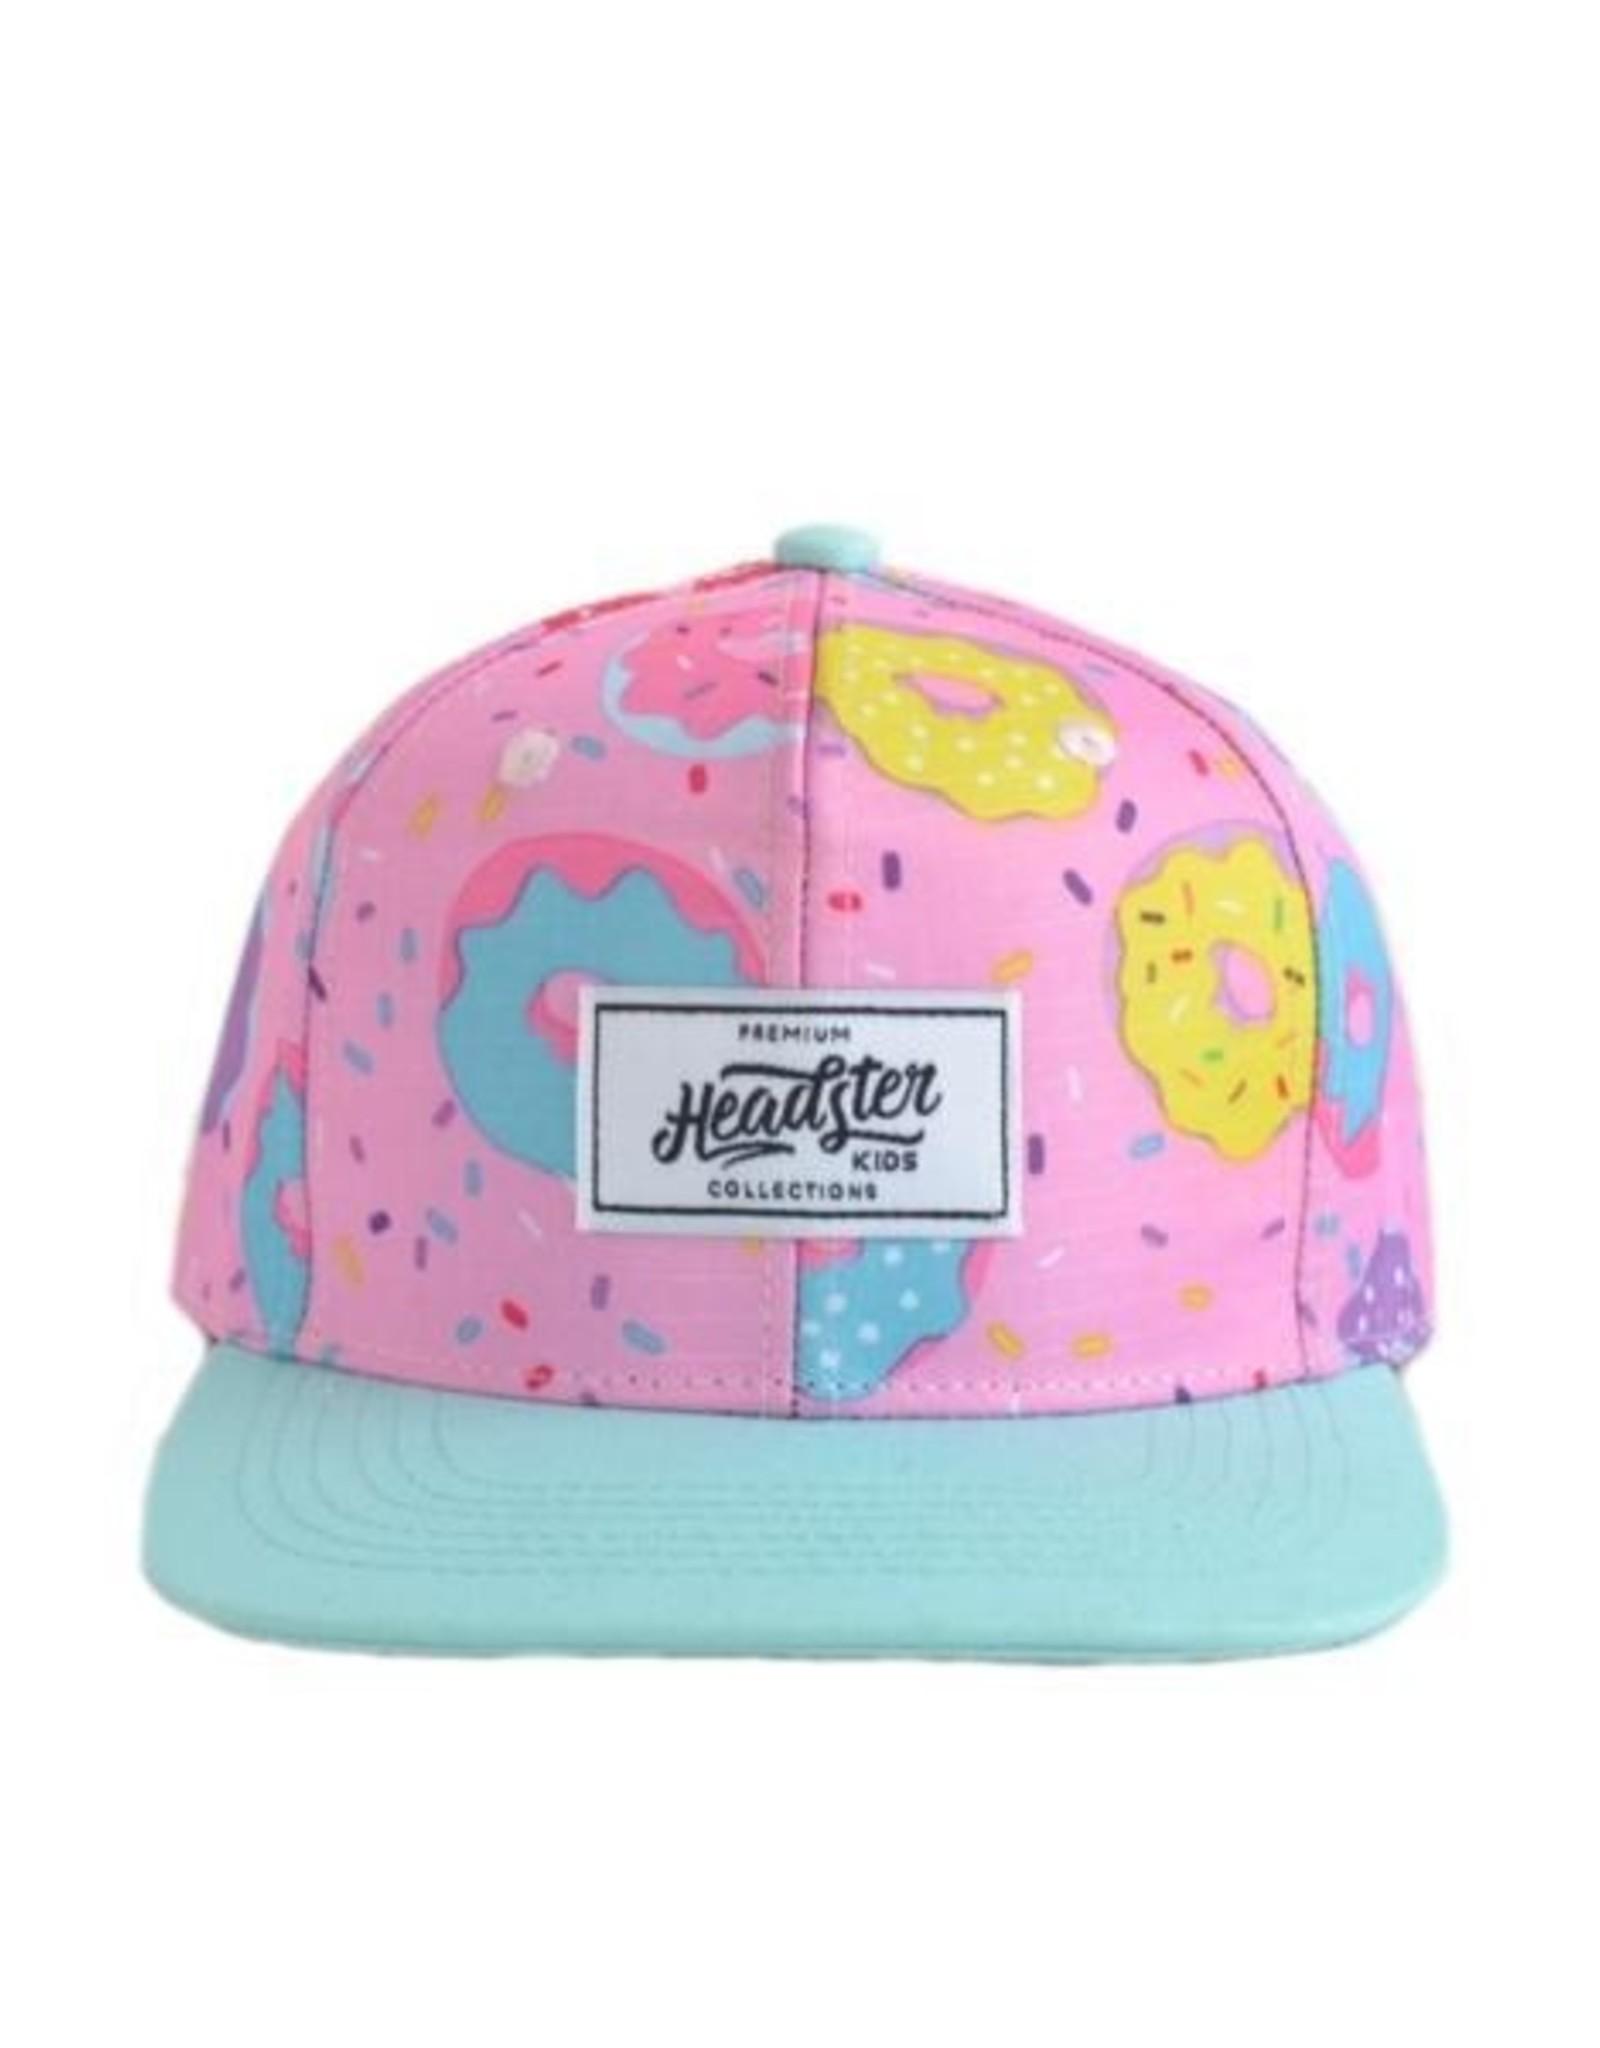 Headster Kids Duh Donut Pink Ball Cap